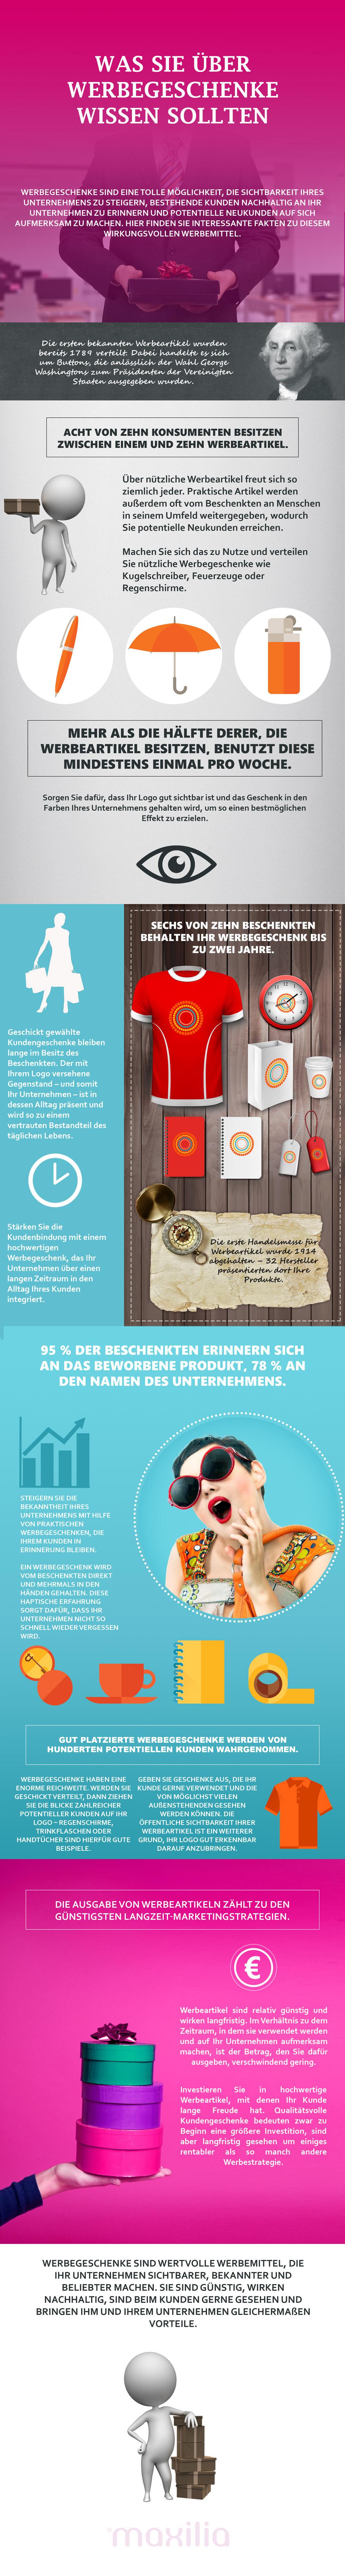 DE7-IG1 Das Werbegeschenk – ein Werbemittel mit Tradition